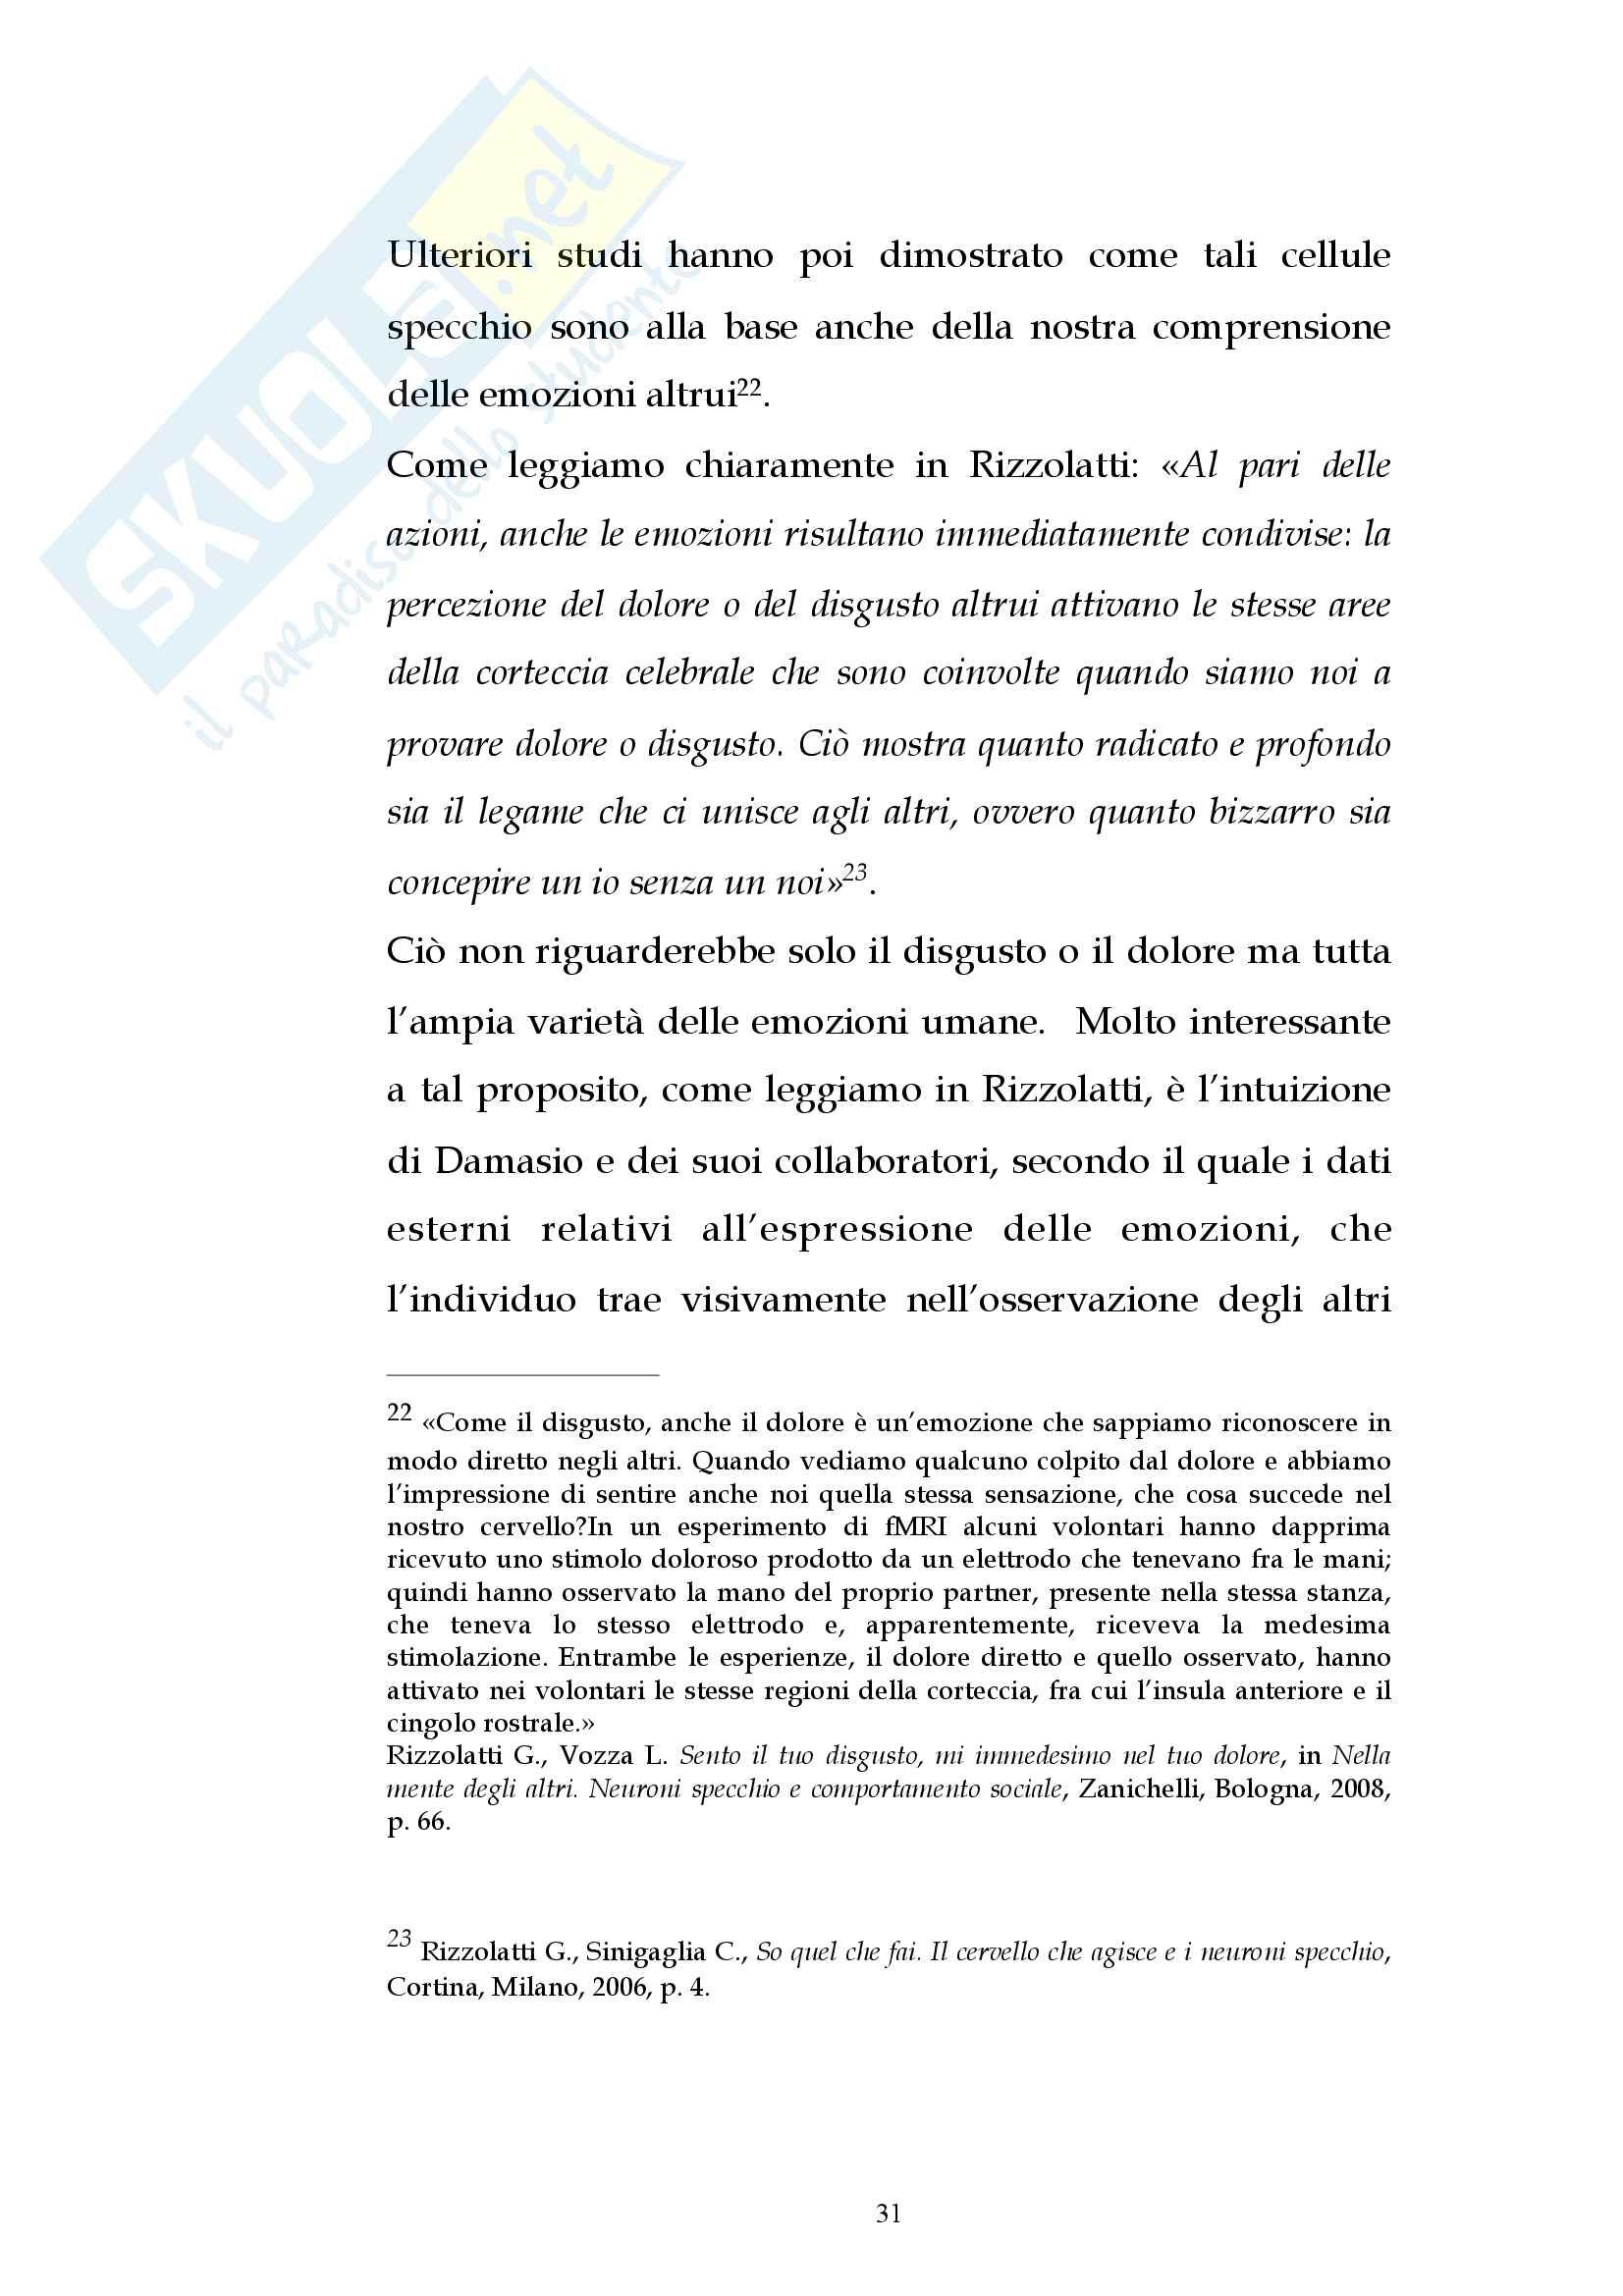 Educazione e Mimesis, Candidi Anna Debora Pag. 31